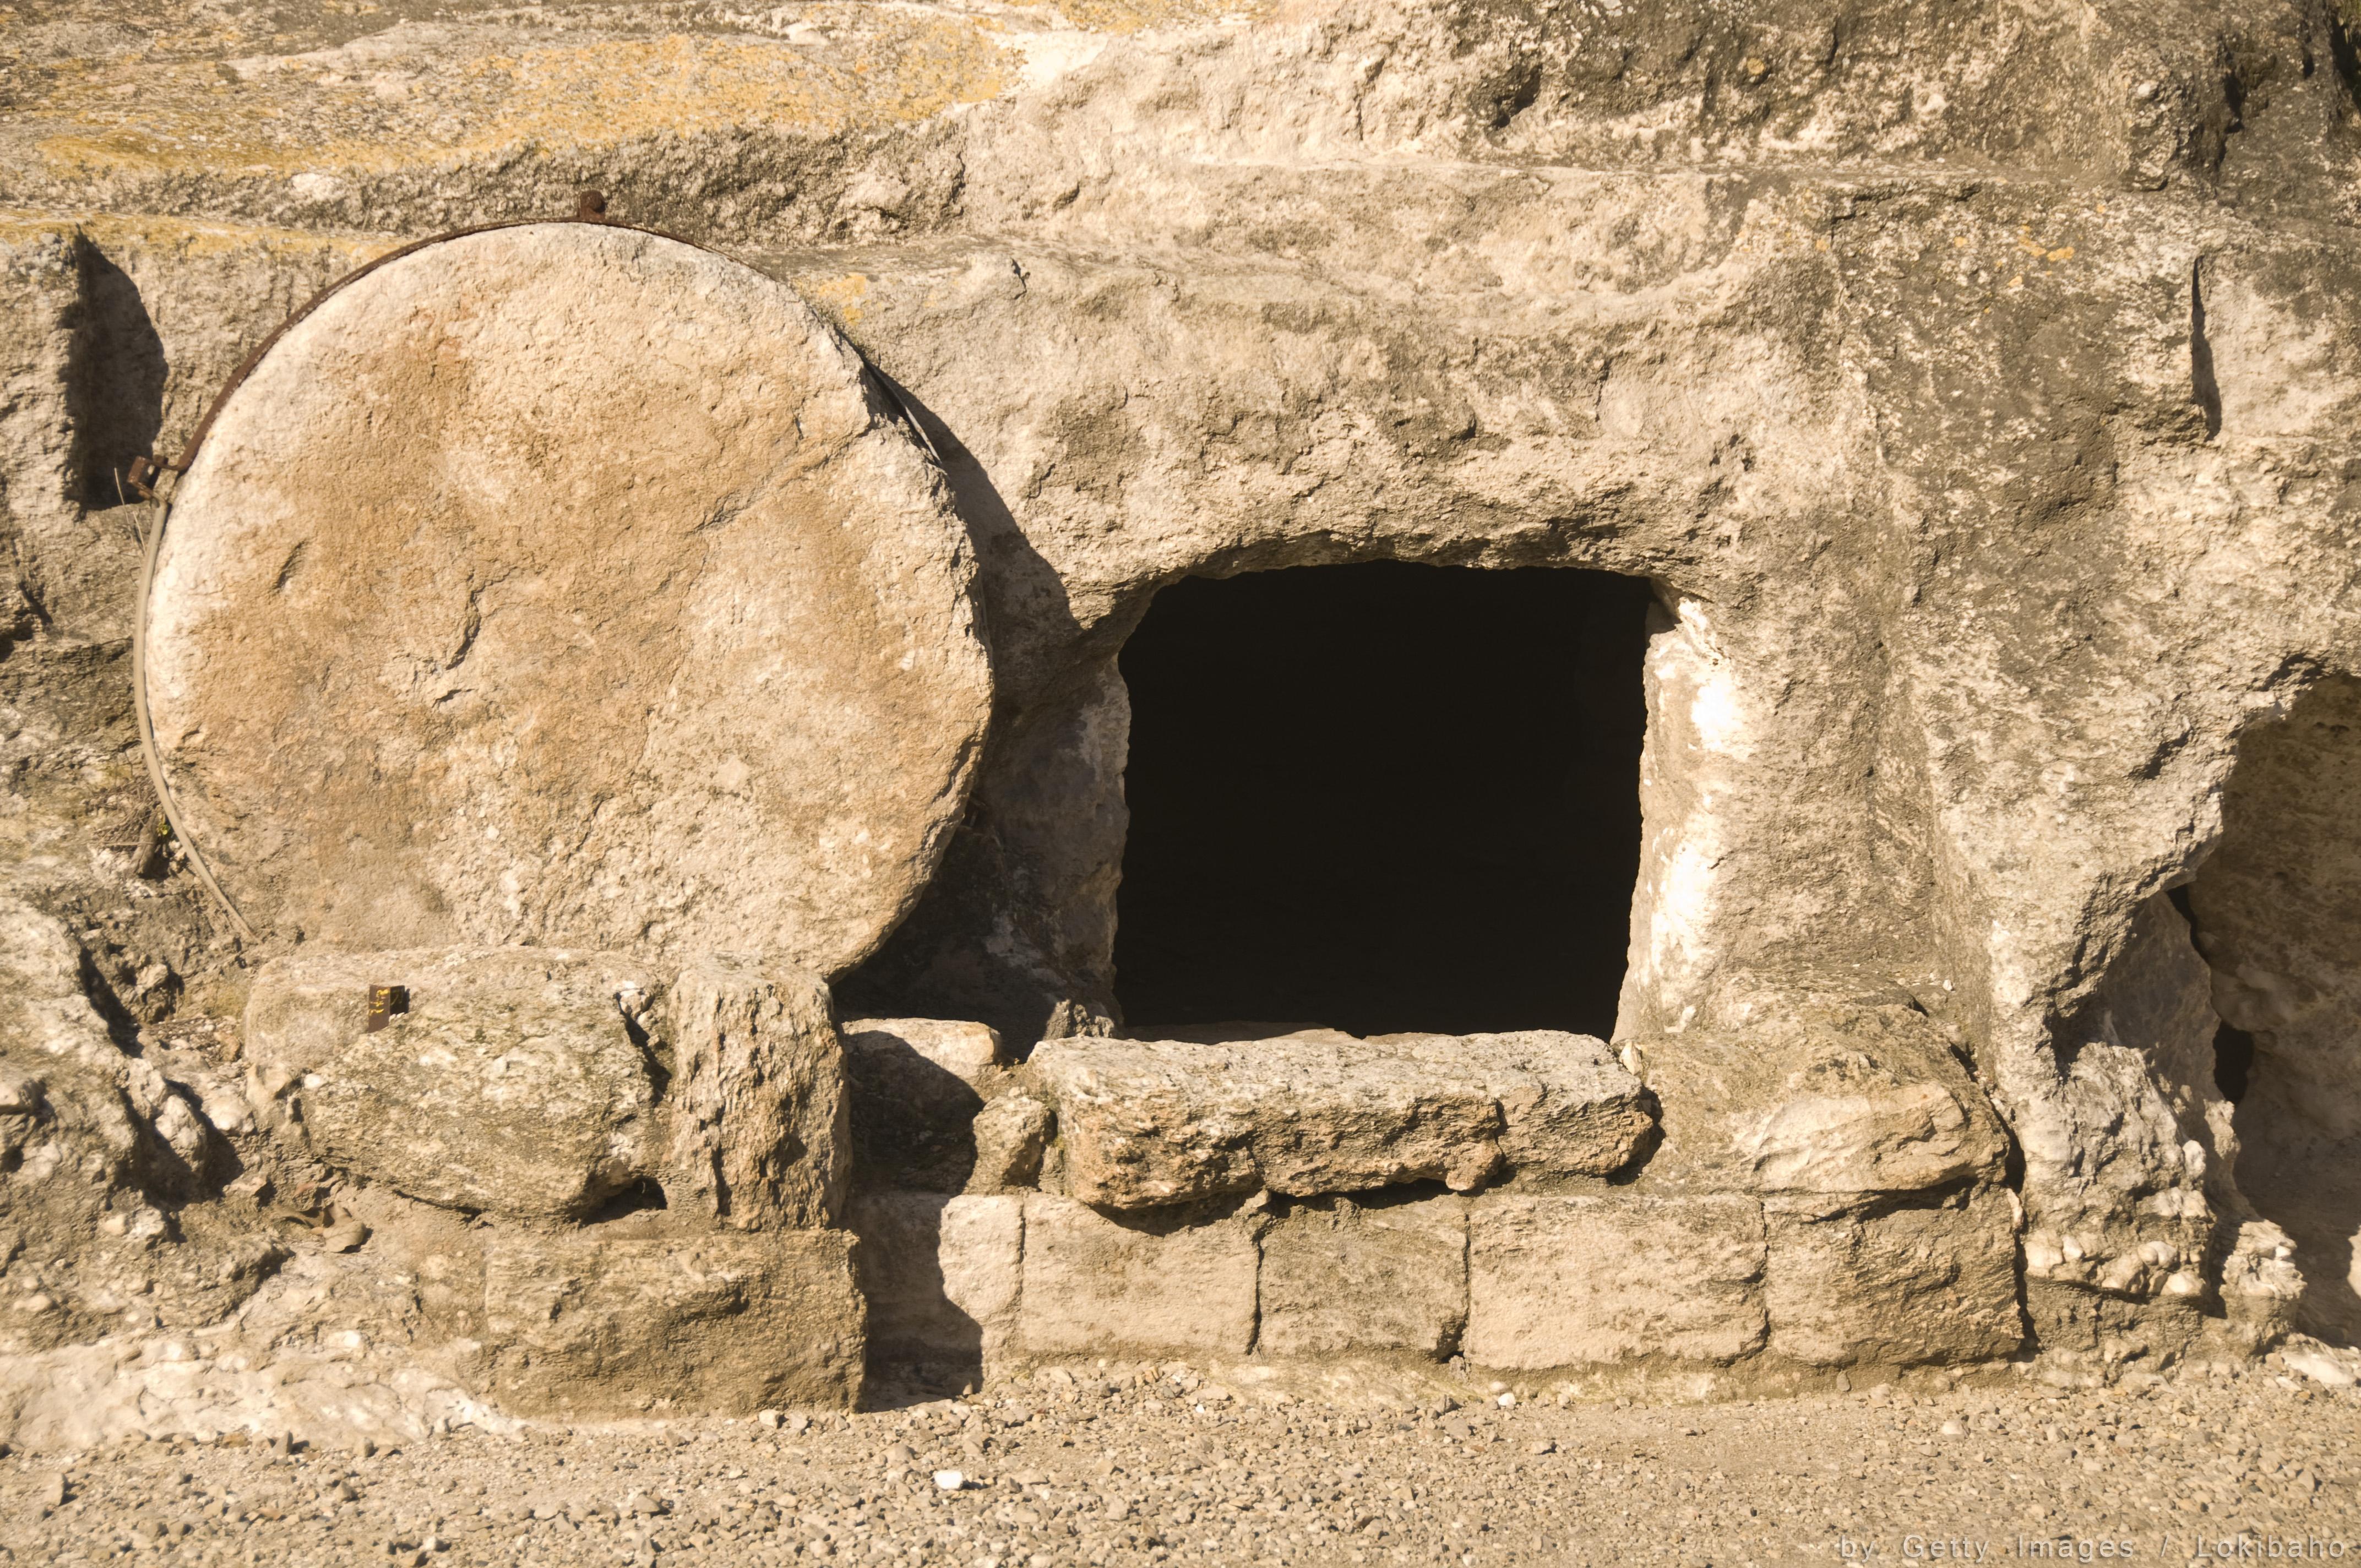 A ressurreição de Jesus é um fato histórico